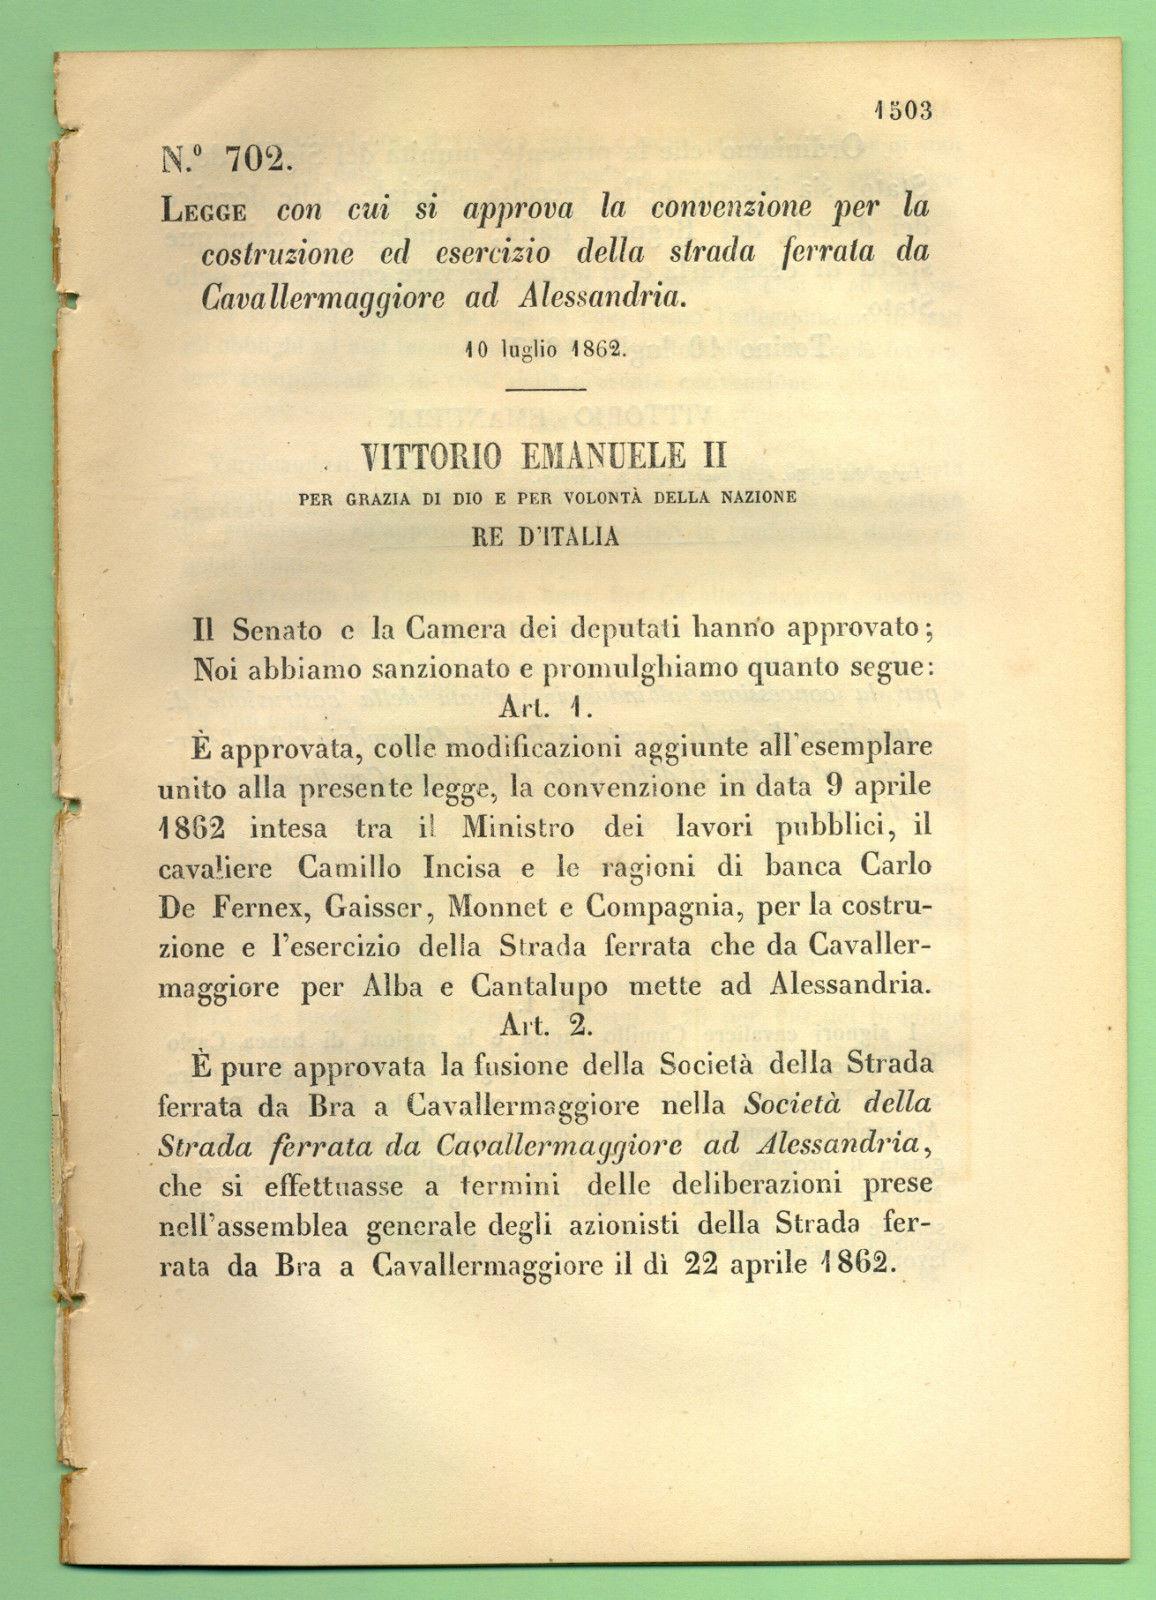 1862 LEGGE COSTRUZIONE STRADA FERRATA DA CAVALLERMAGGIORE A ALESSANDRIA